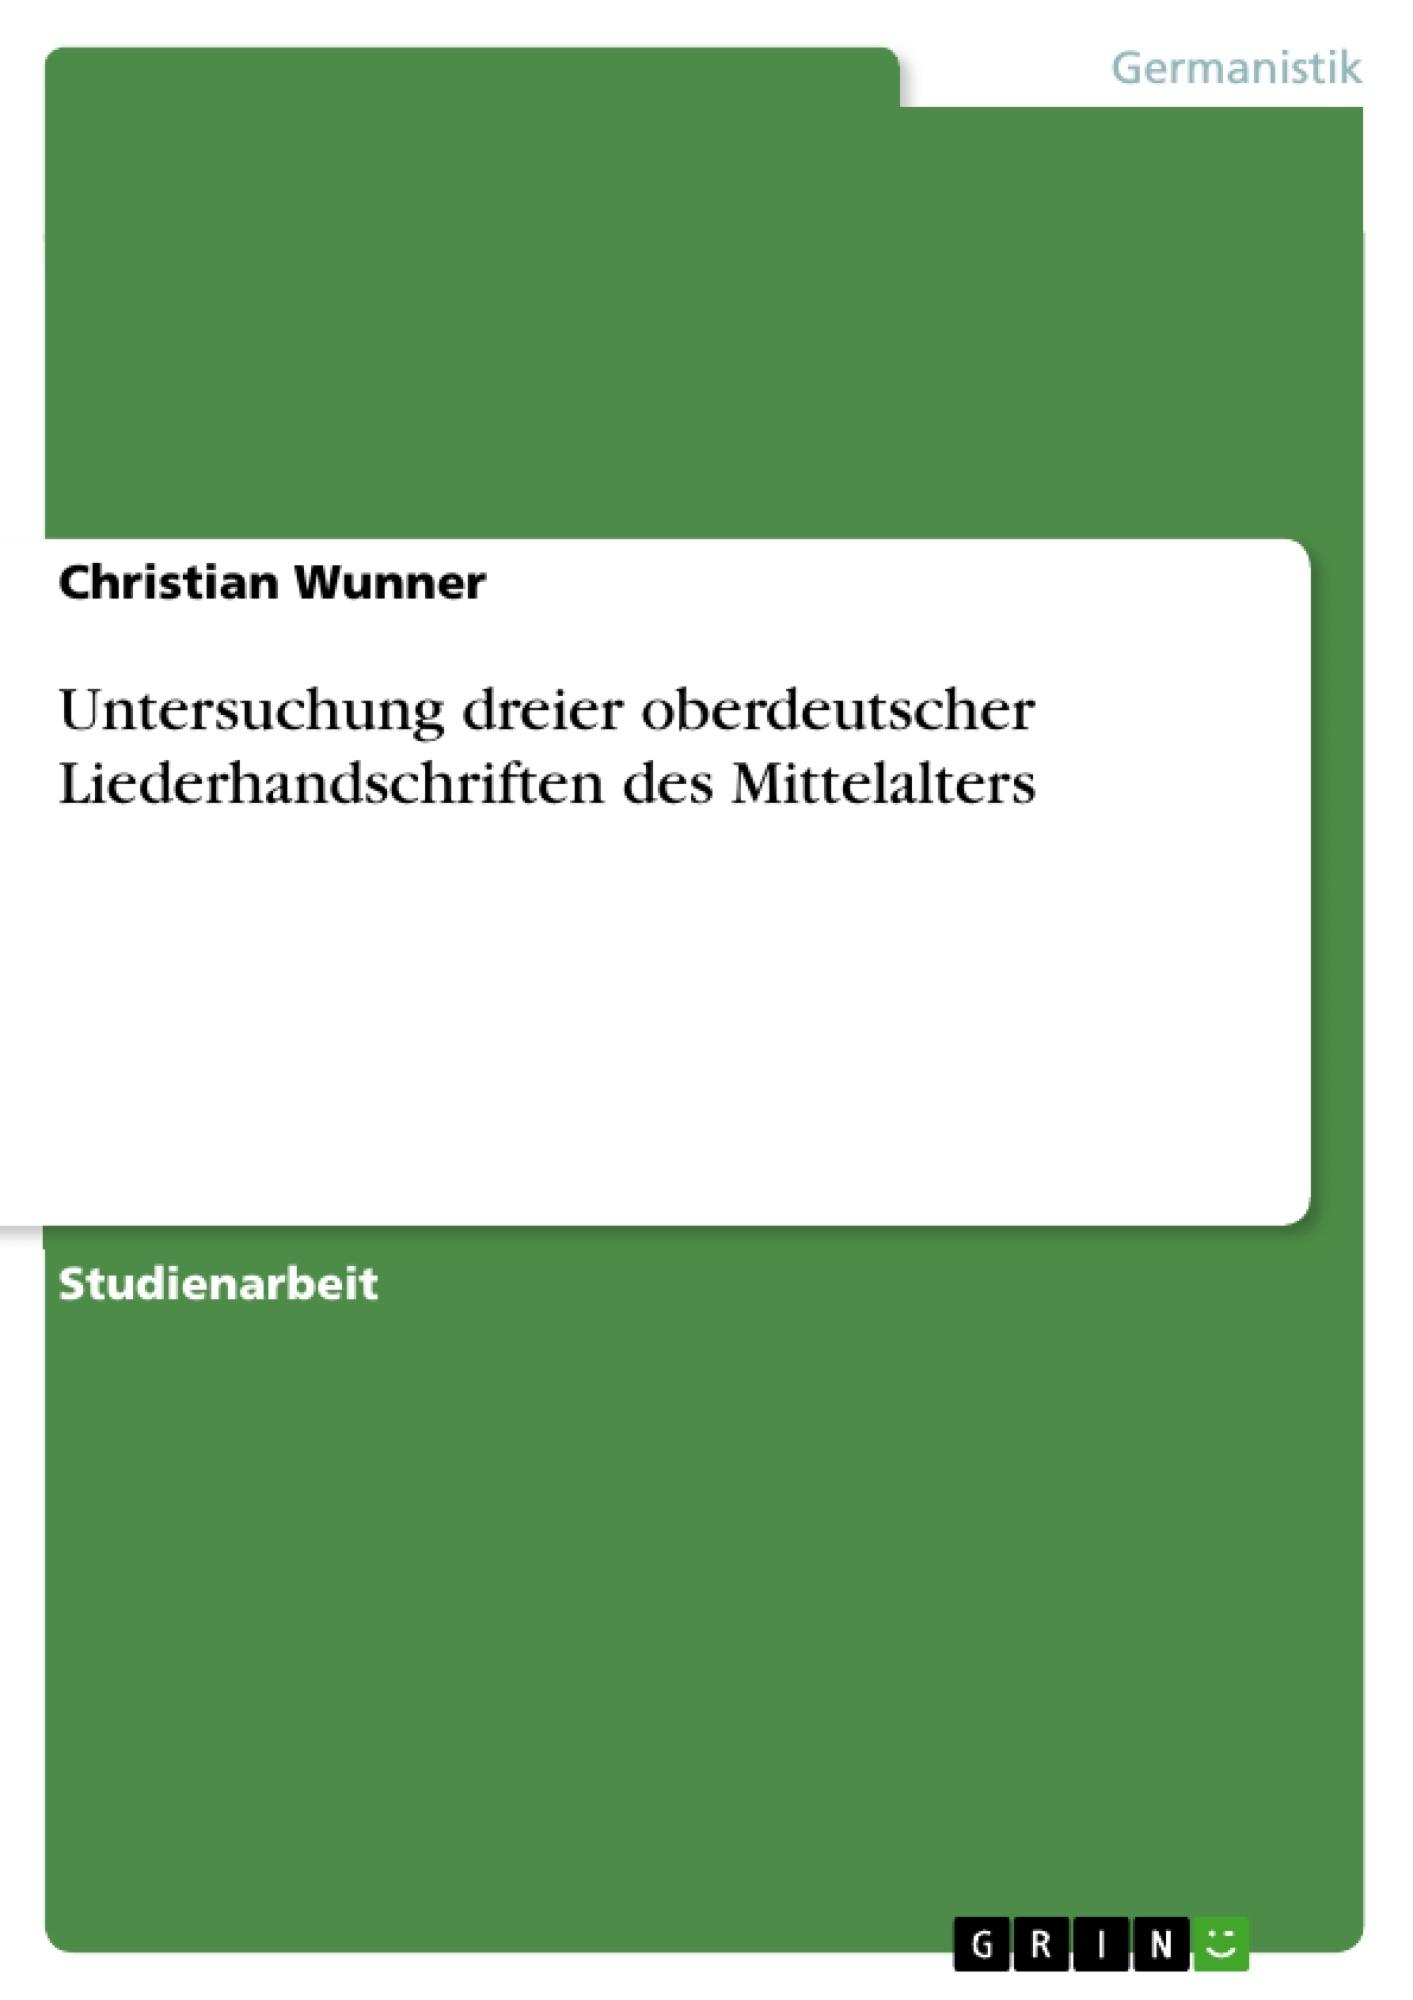 Titel: Untersuchung dreier oberdeutscher Liederhandschriften des Mittelalters